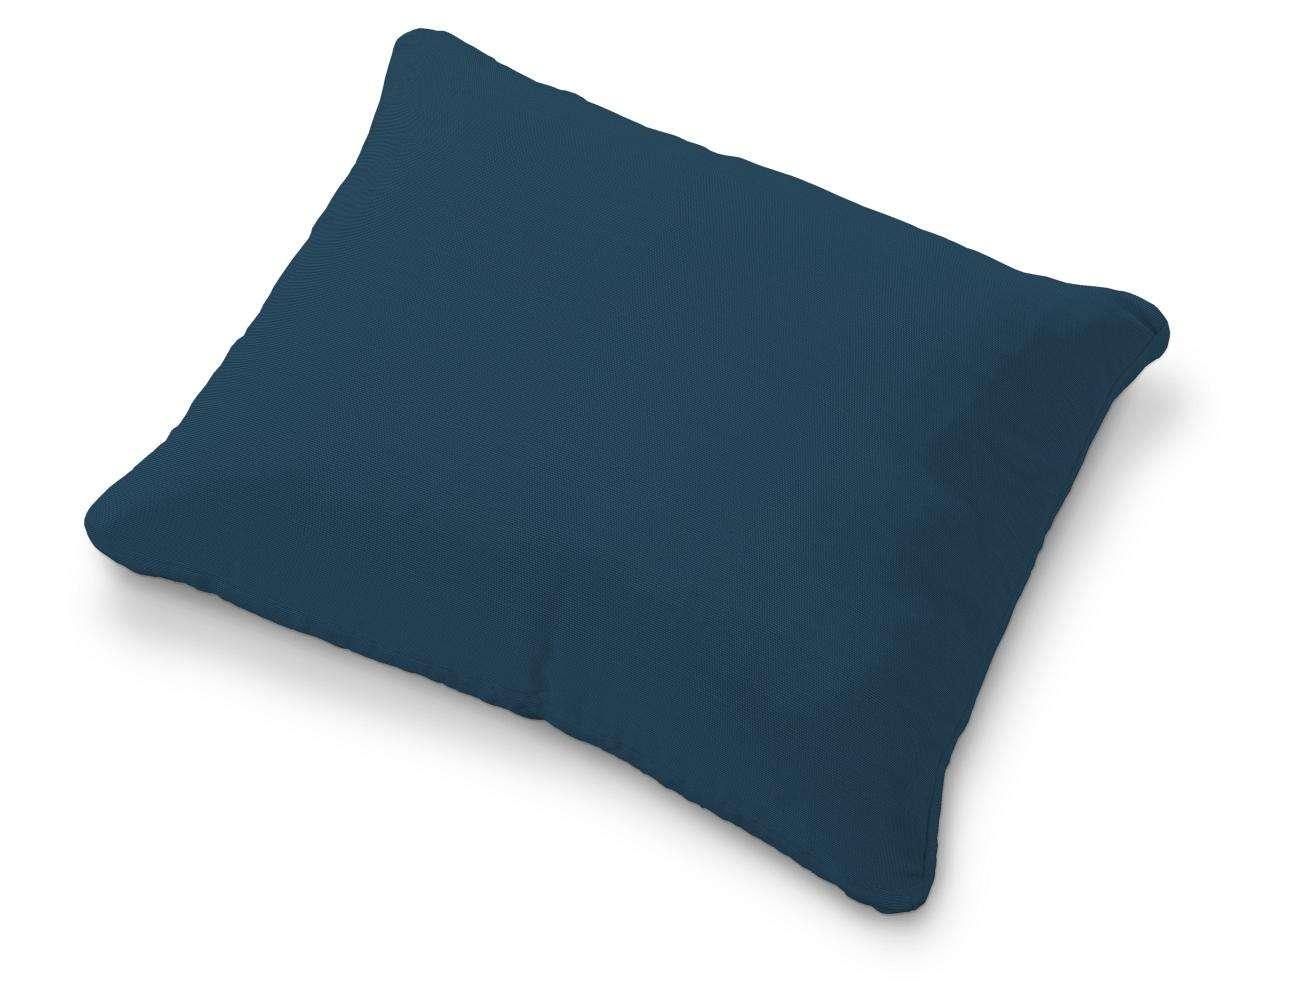 Poszewka na poduszkę Karlstad 58x48cm poduszka Karlstad 58x48cm w kolekcji Cotton Panama, tkanina: 702-30